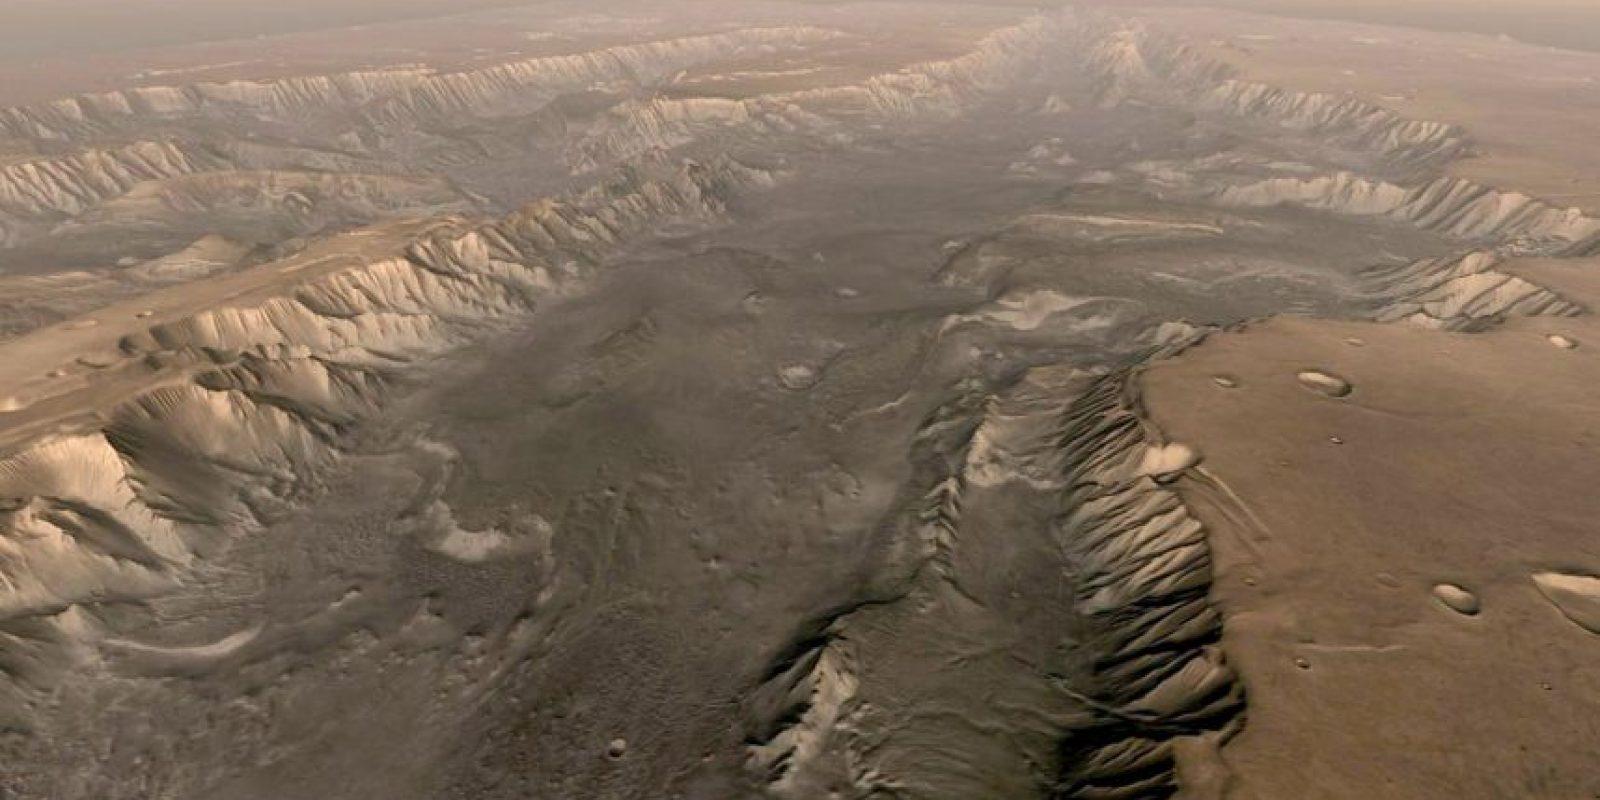 Hasta el momento las investigaciones continúan con ayuda de la misión espacial Curiosity. Foto:Vía nasa.gov